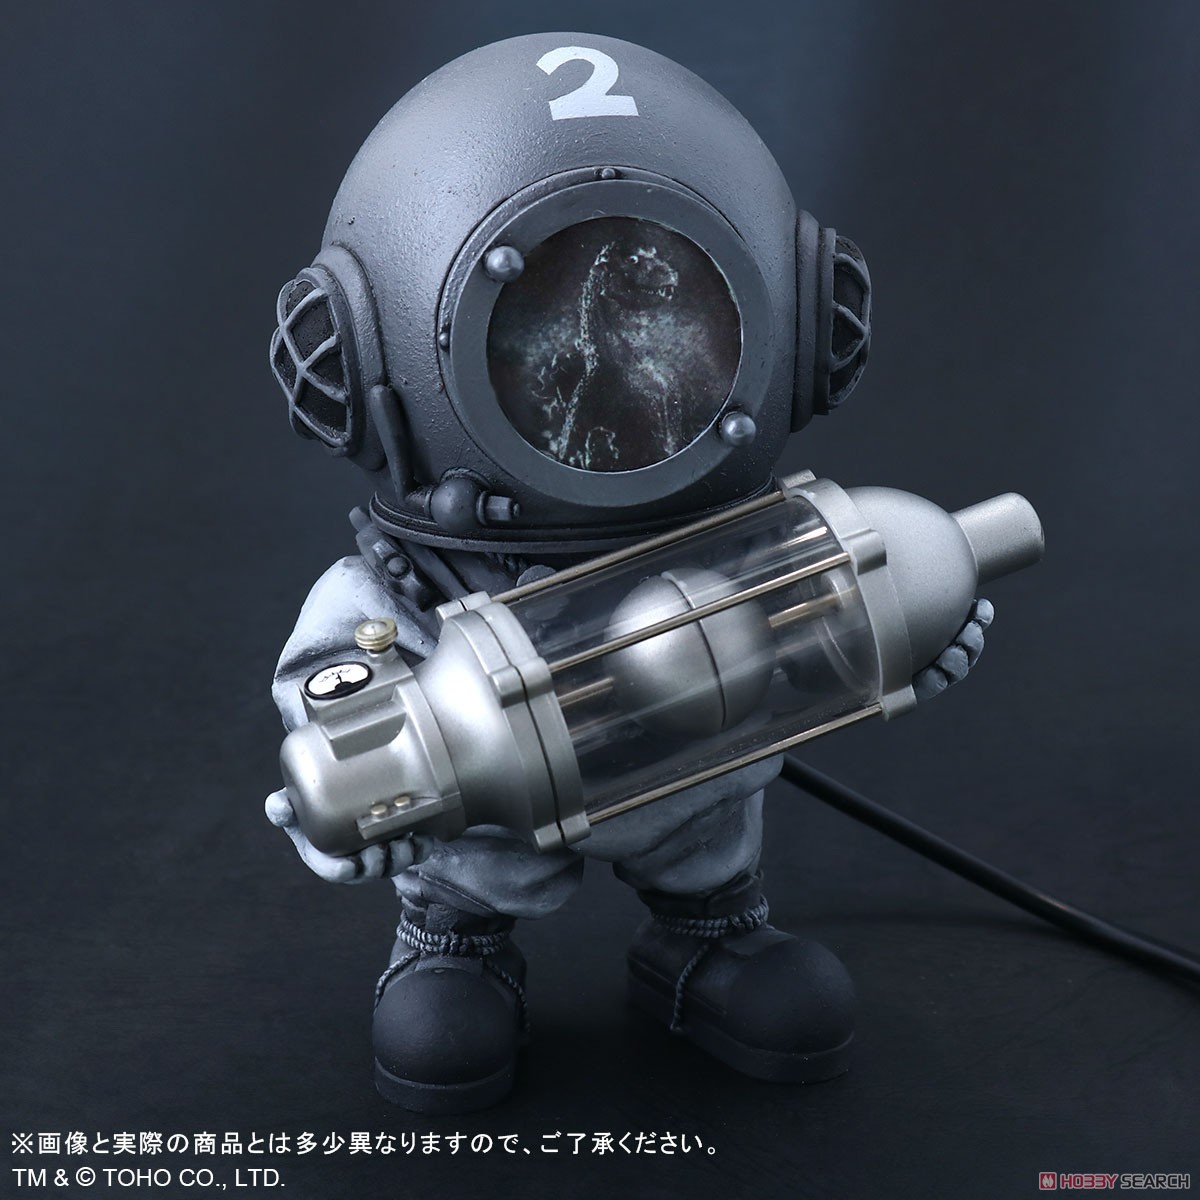 デフォリアル『芹沢博士 モノクロVer.』ゴジラ デフォルメ完成品フィギュア-008